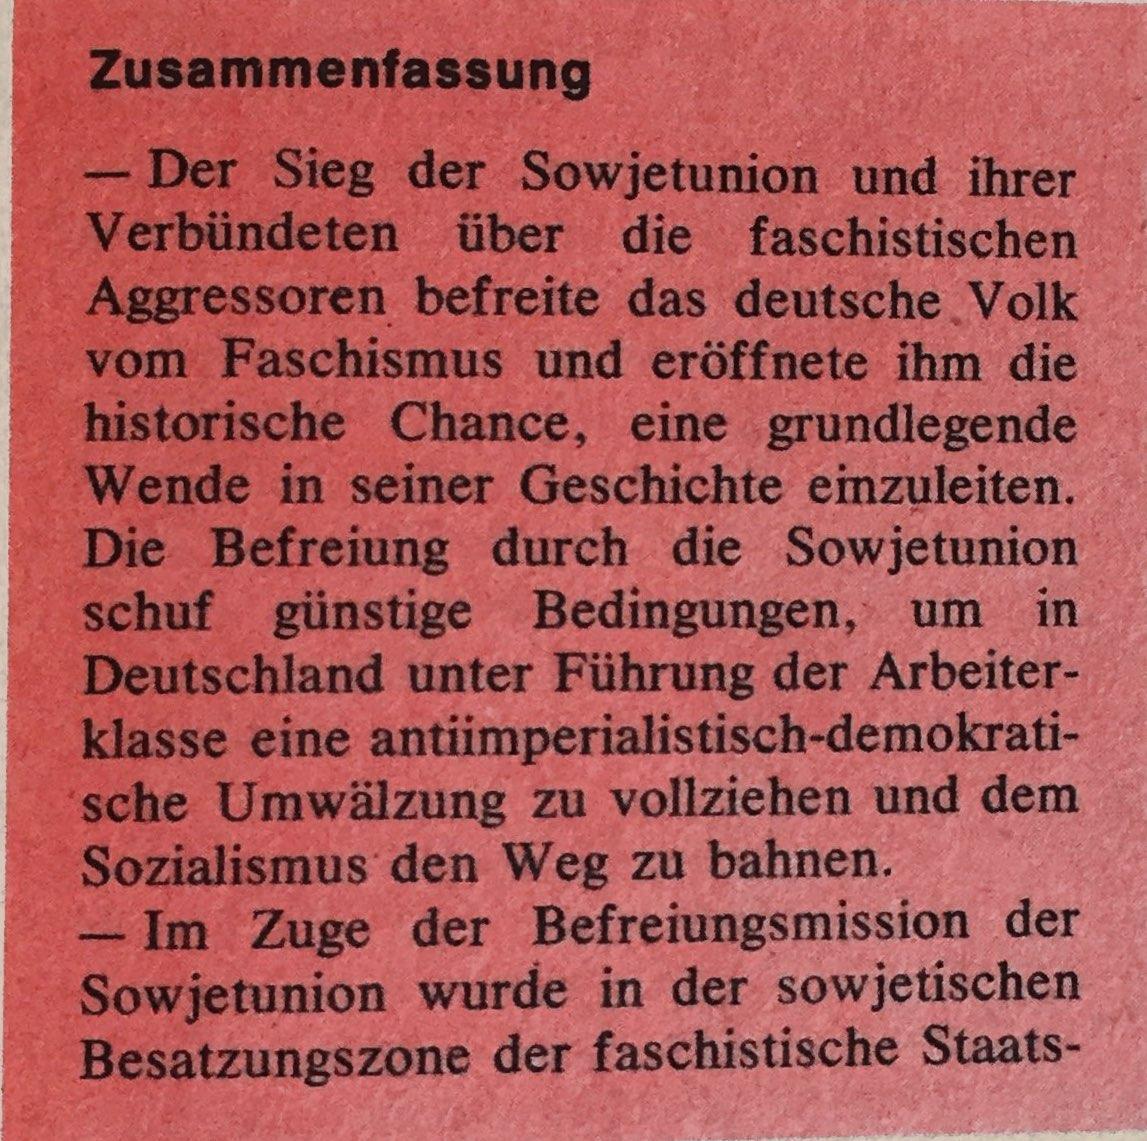 Zusammenfassung Aufruf ZK der KPD vom 11.Juni 1945